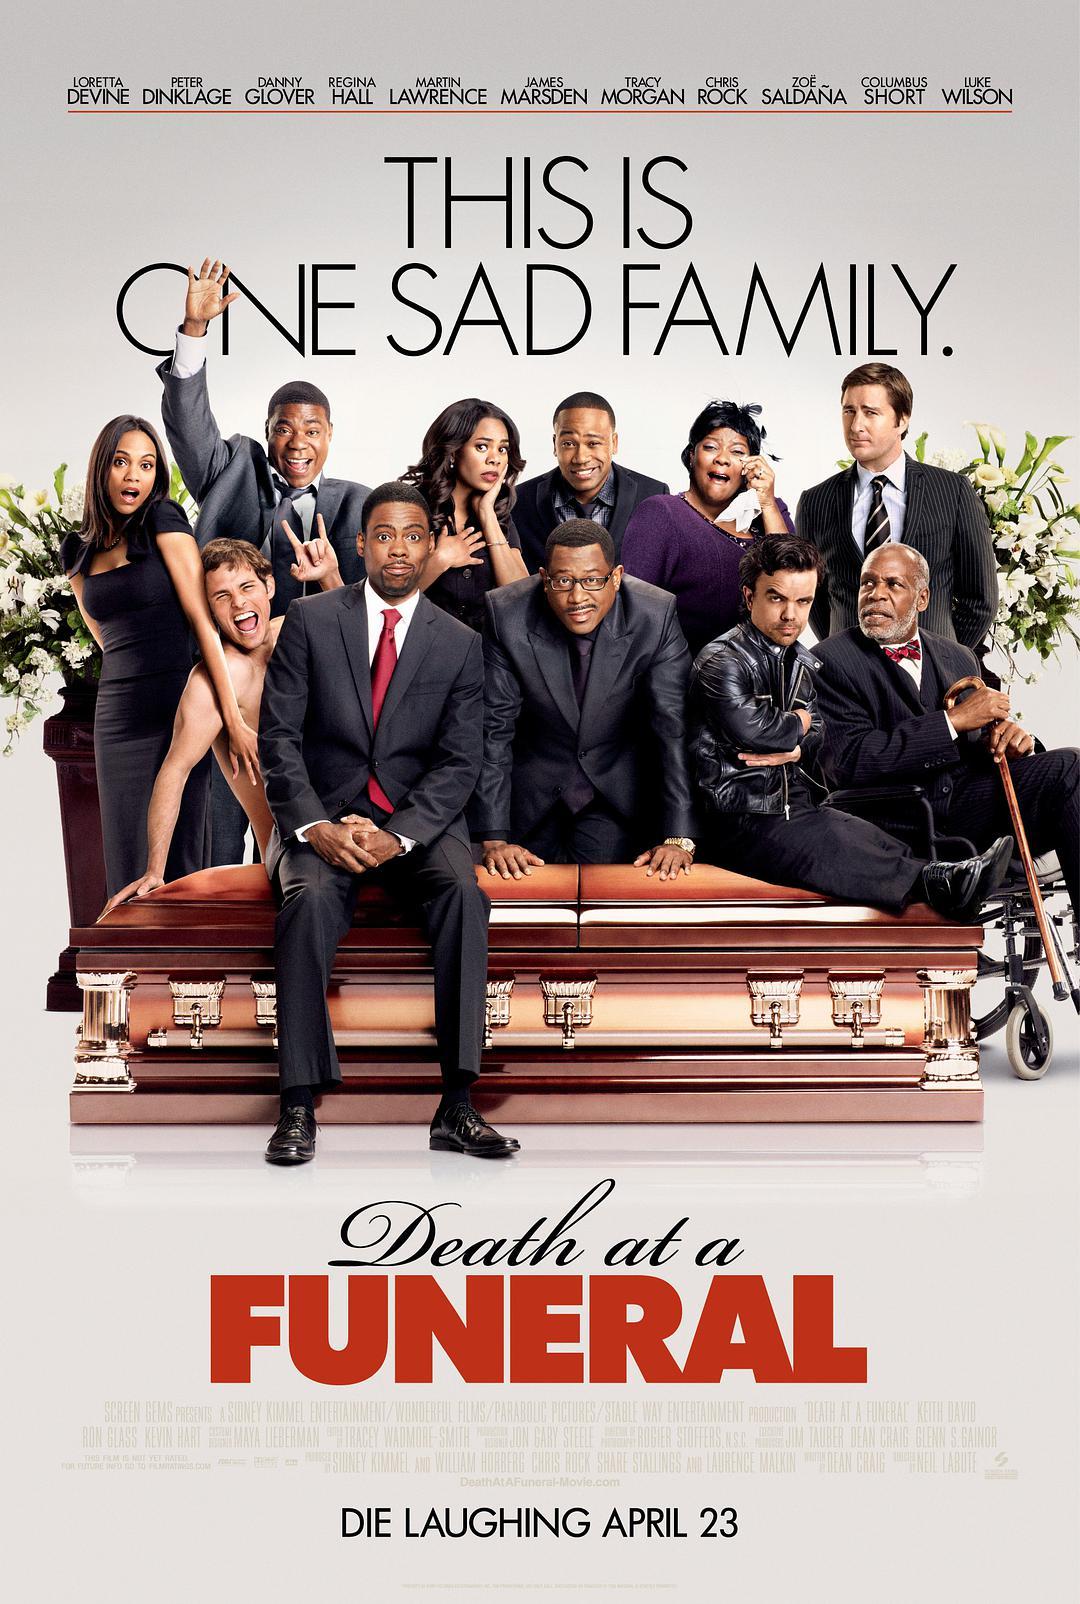 葬礼上的死亡 美国版